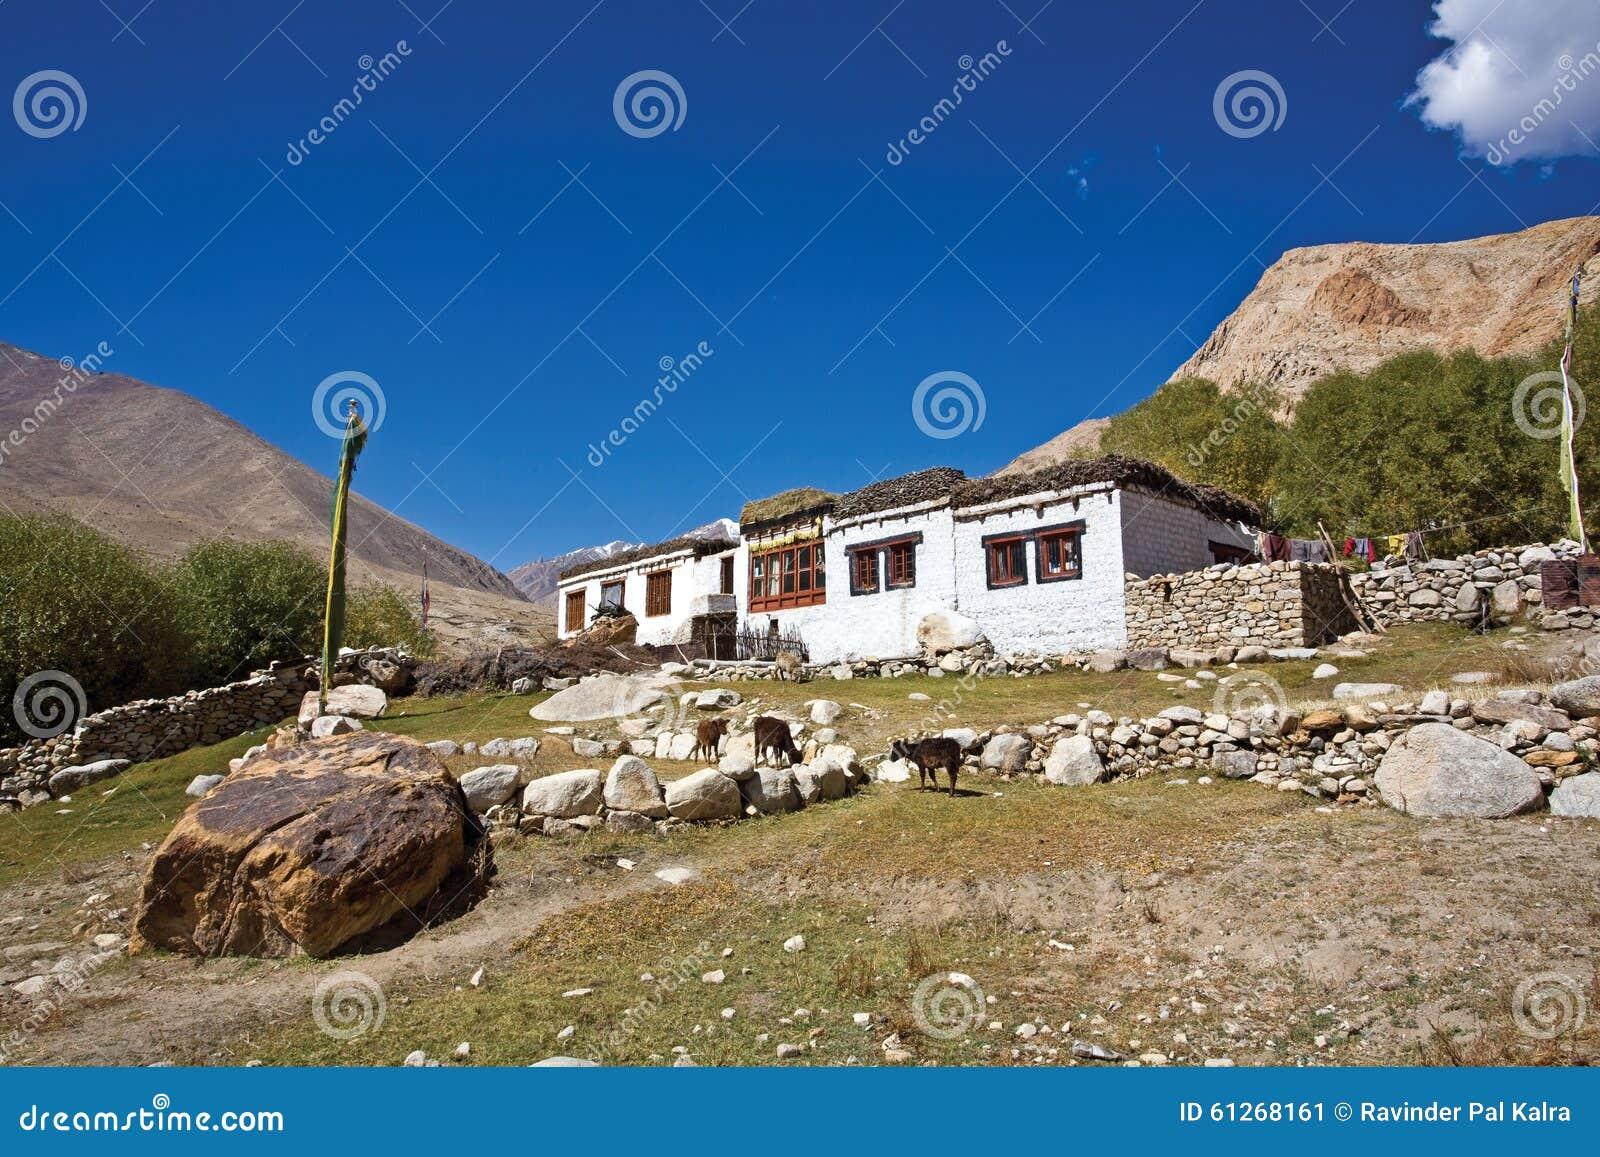 Una casa de Ladakhi en el valle de Nubra, Ladakh, la India